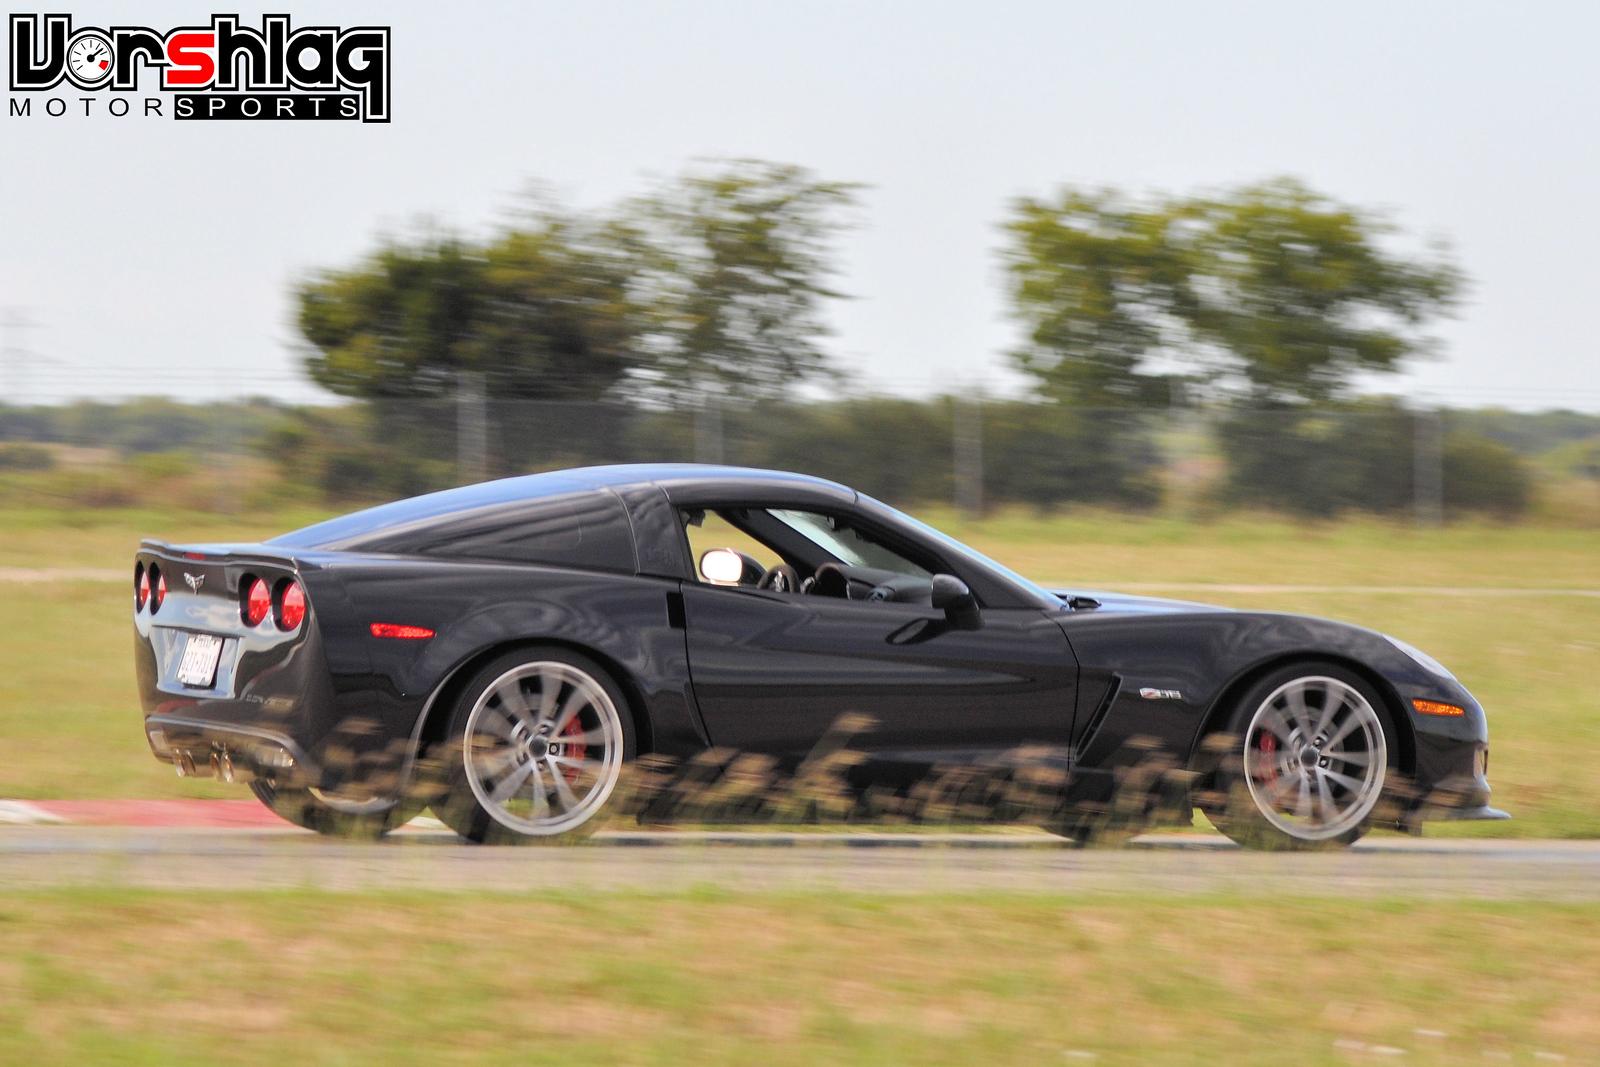 Vorshlag C6 Corvette Development + Shop C6 Z06 Race Car (Rampage ...